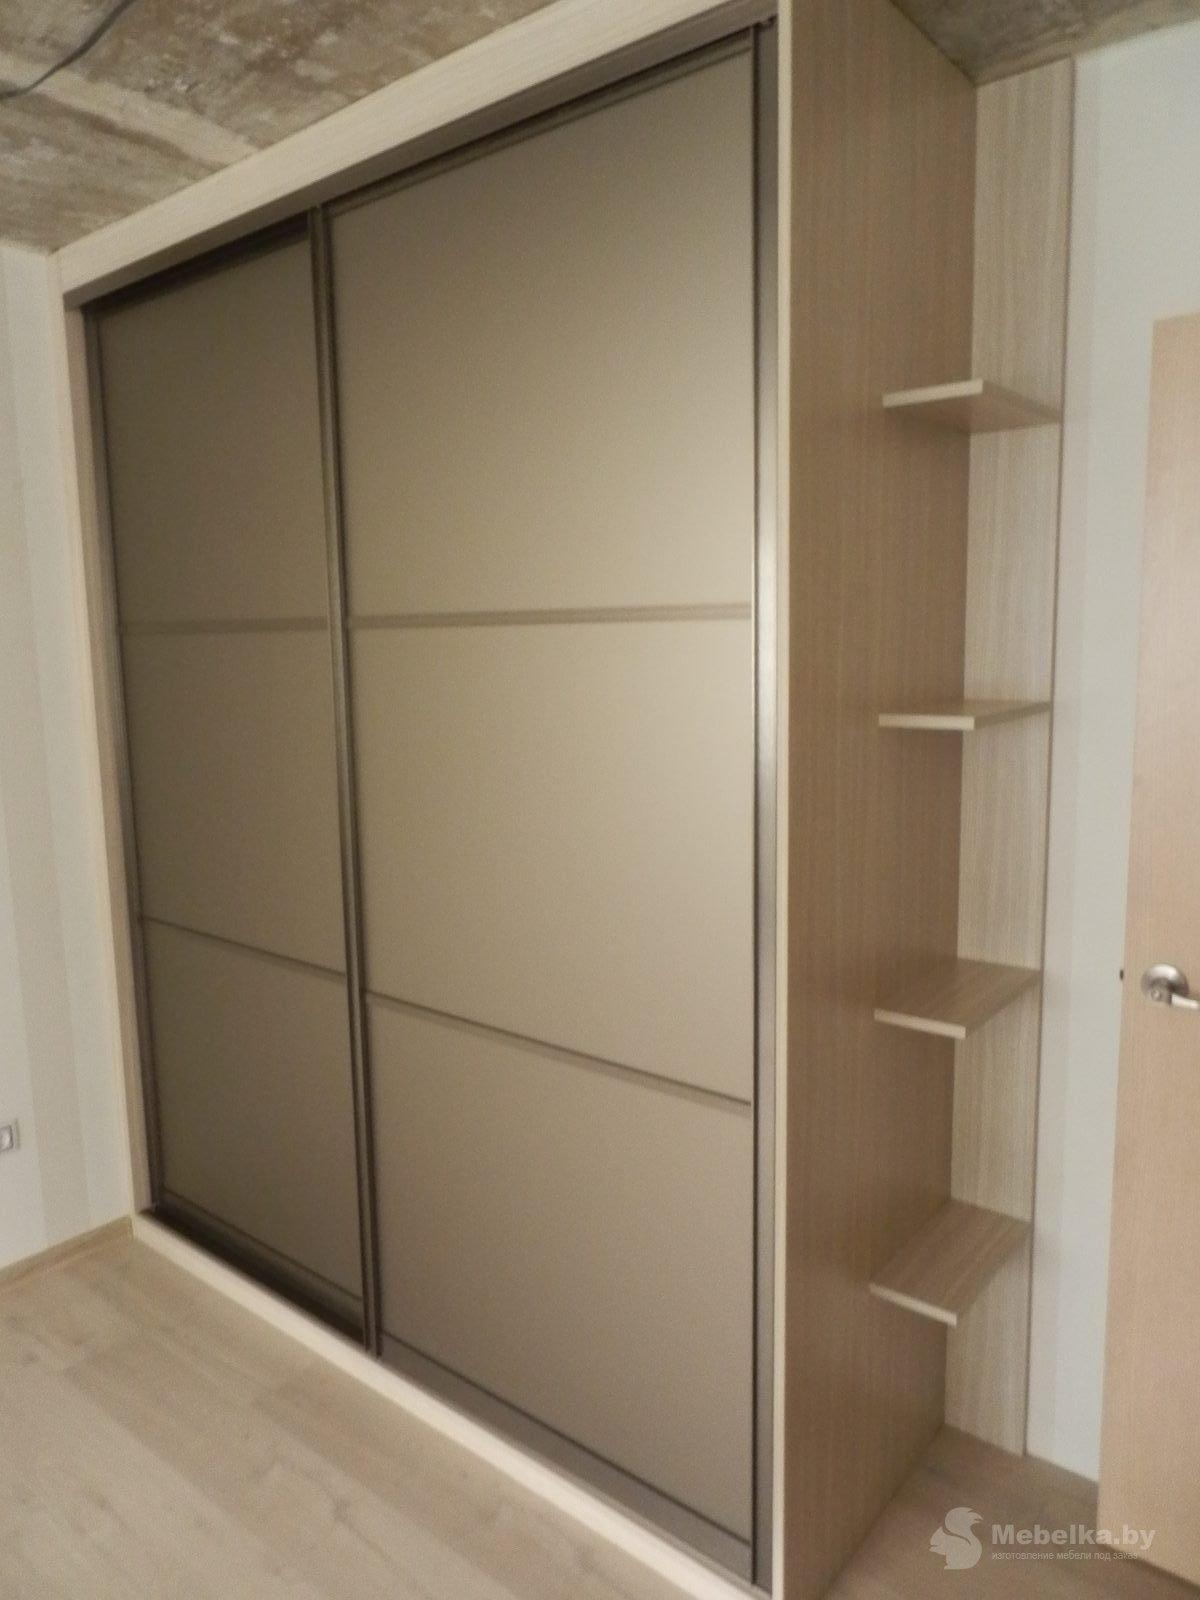 Шкаф-купе с зеркалом бронза сатин вид 2